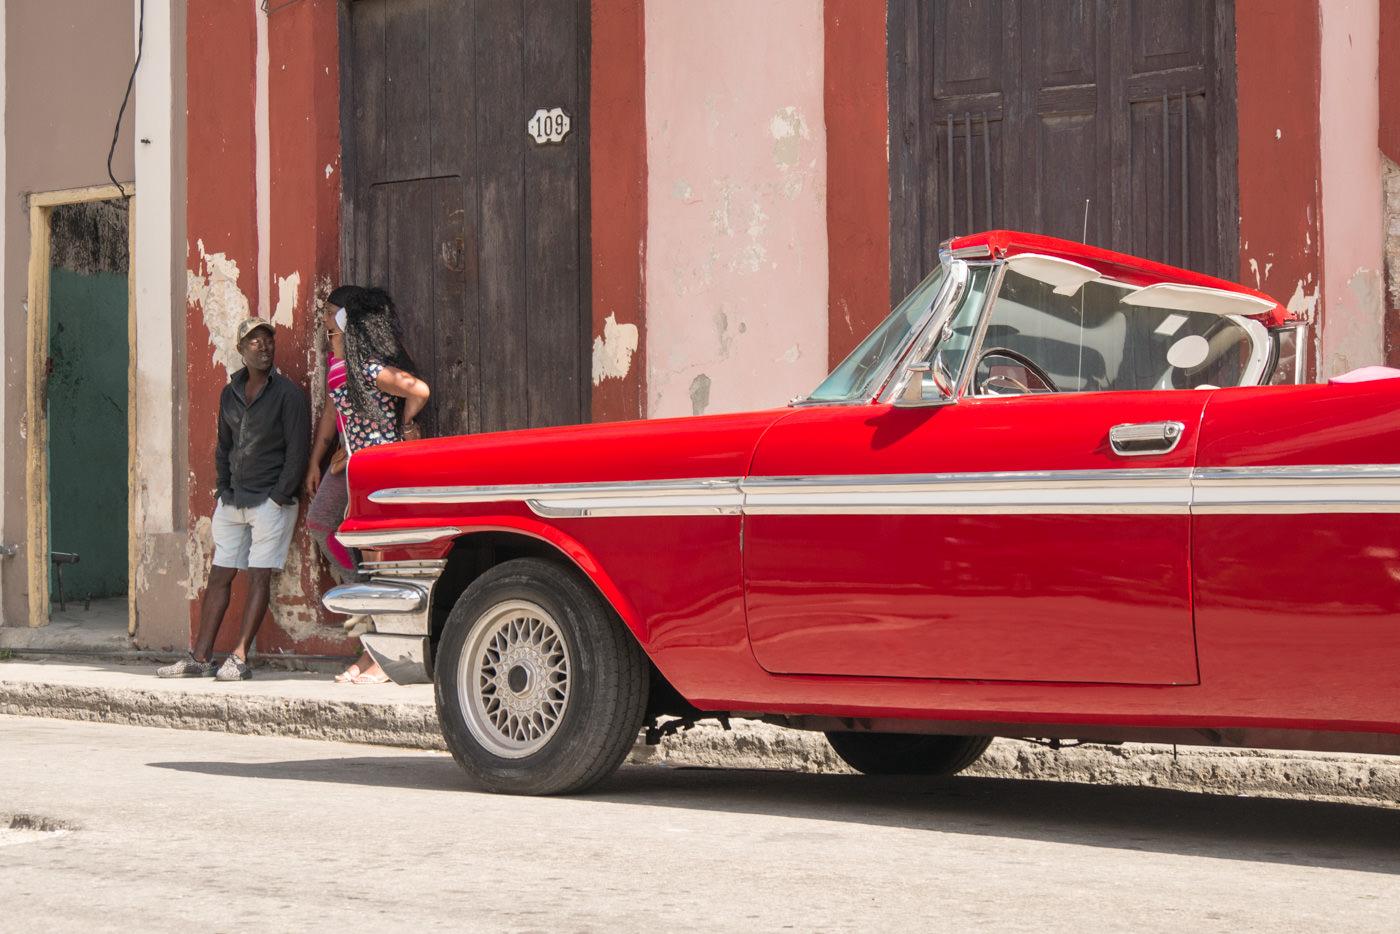 Ein Taxi Fahrer wartet auf neue Kundschaft in Havanna, Kuba